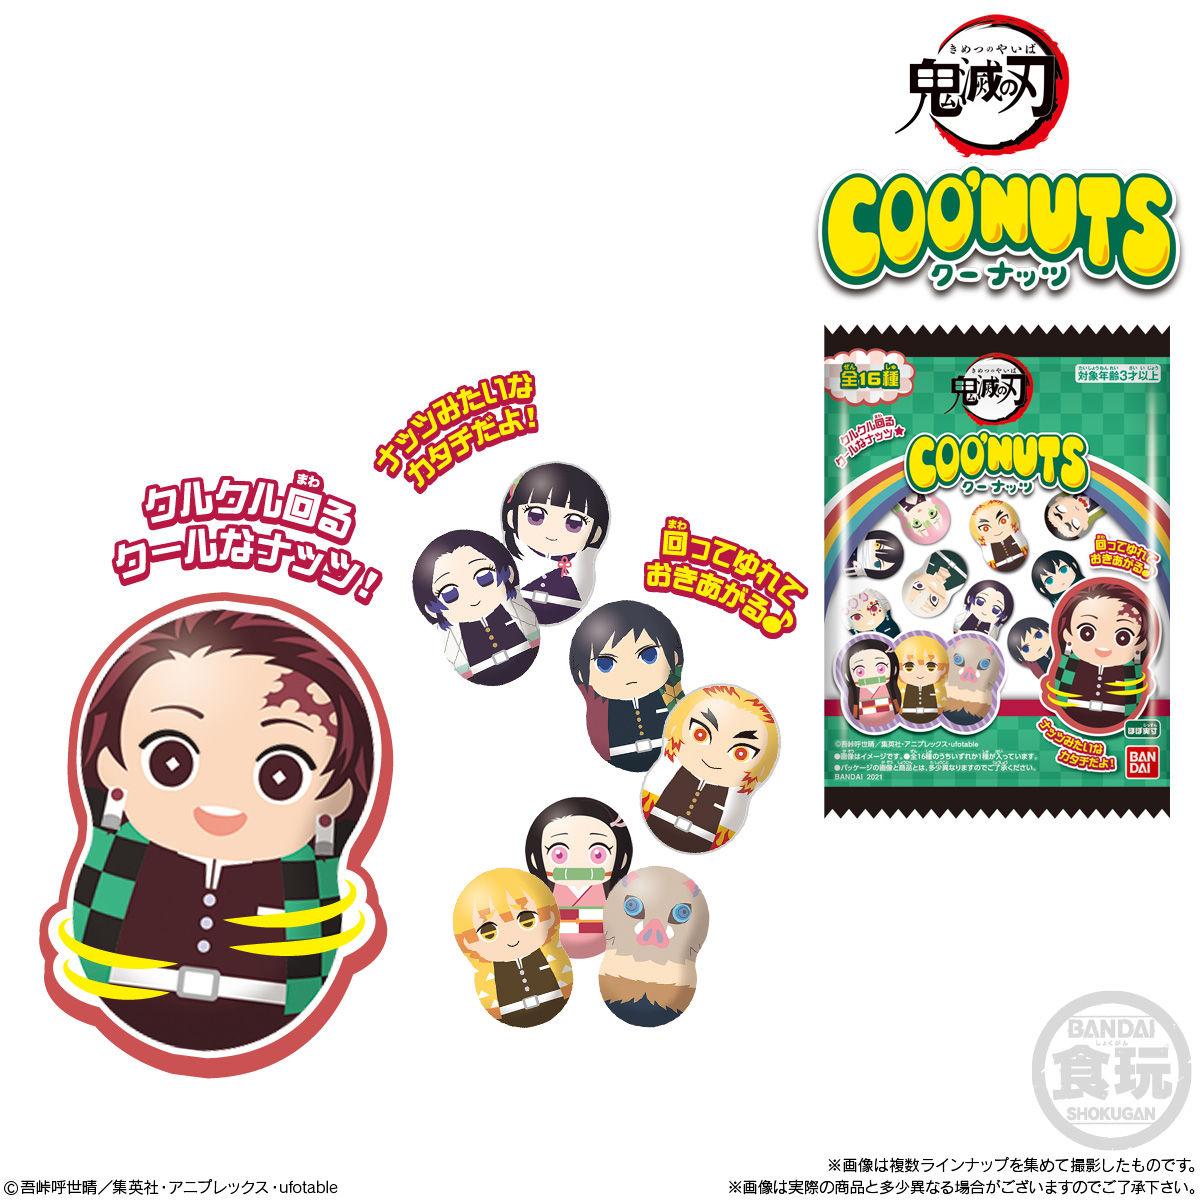 【食玩】鬼滅の刃『クーナッツ 鬼滅の刃』14個入りBOX-002